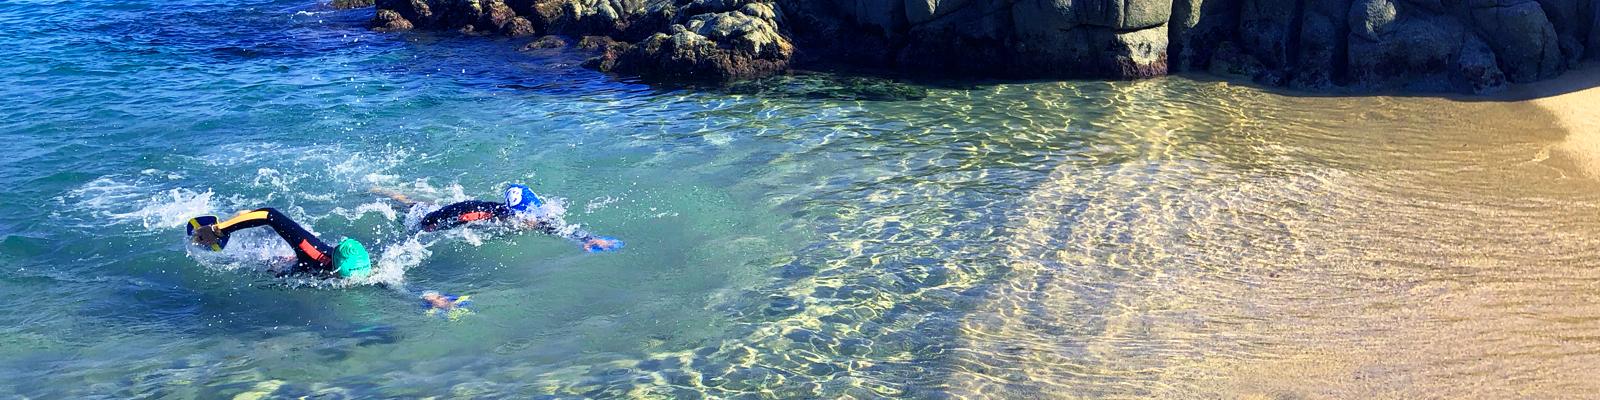 Swimrun and fun